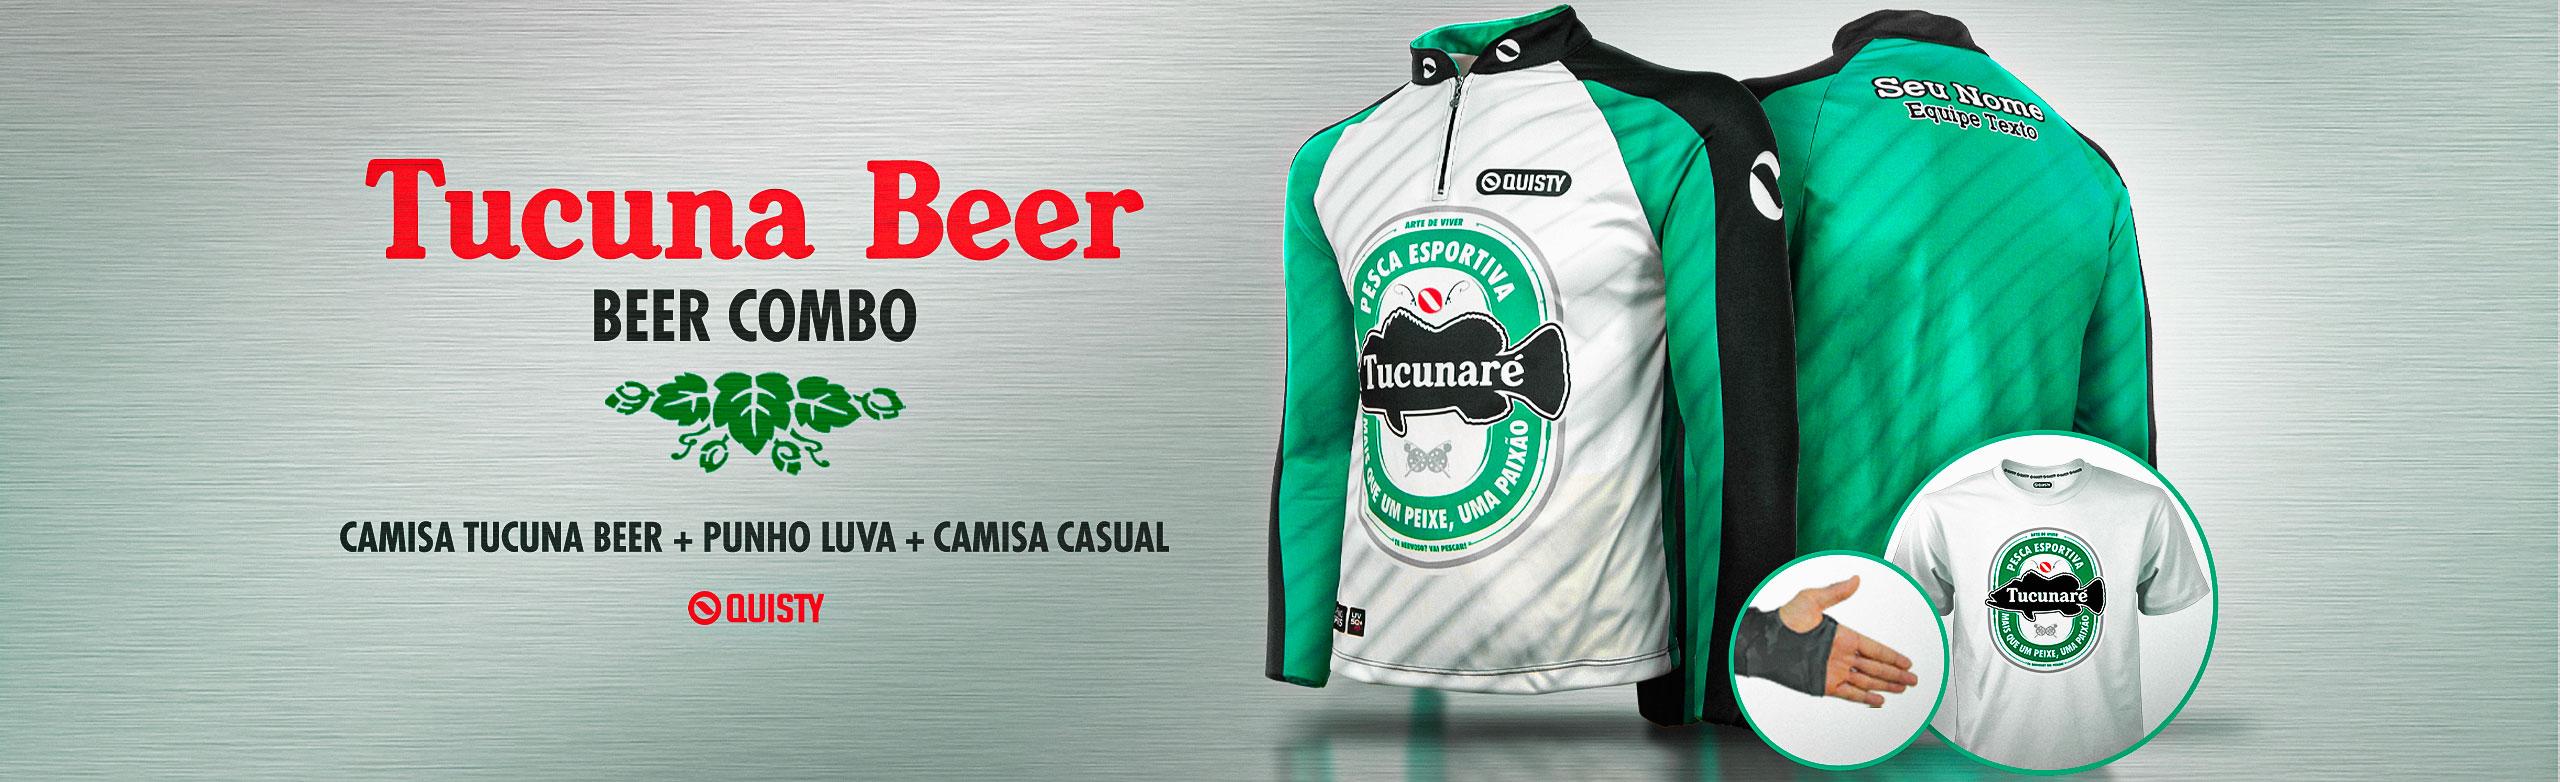 Tucuna Beer Beer Combo